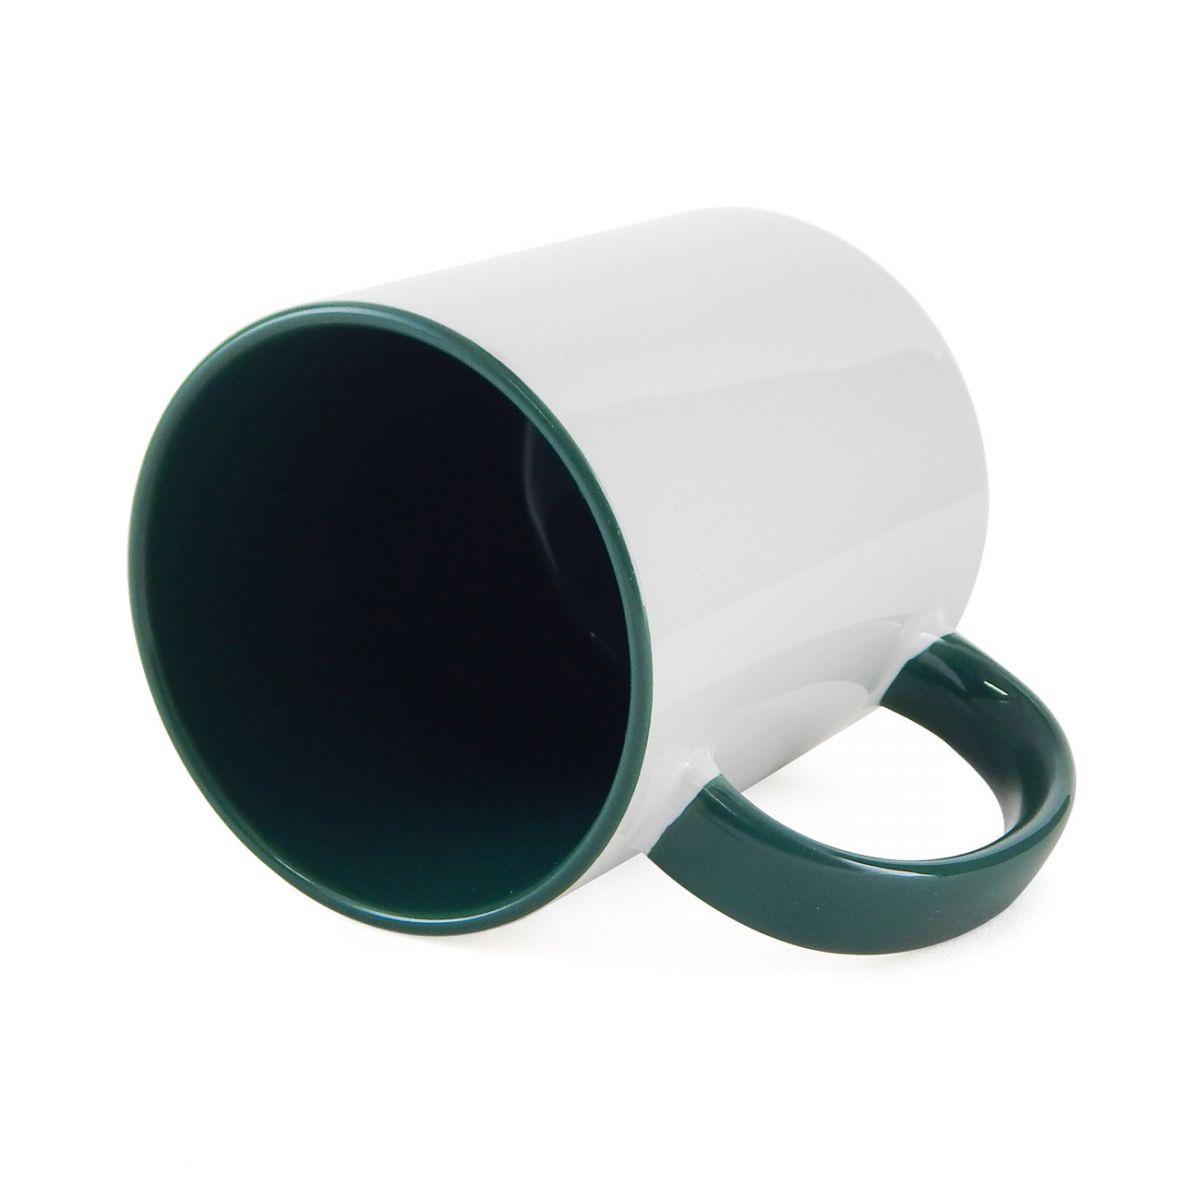 Caneca Alça e Fundo Verde Escuro Resinada Para Sublimação em Cerâmica - Classe A